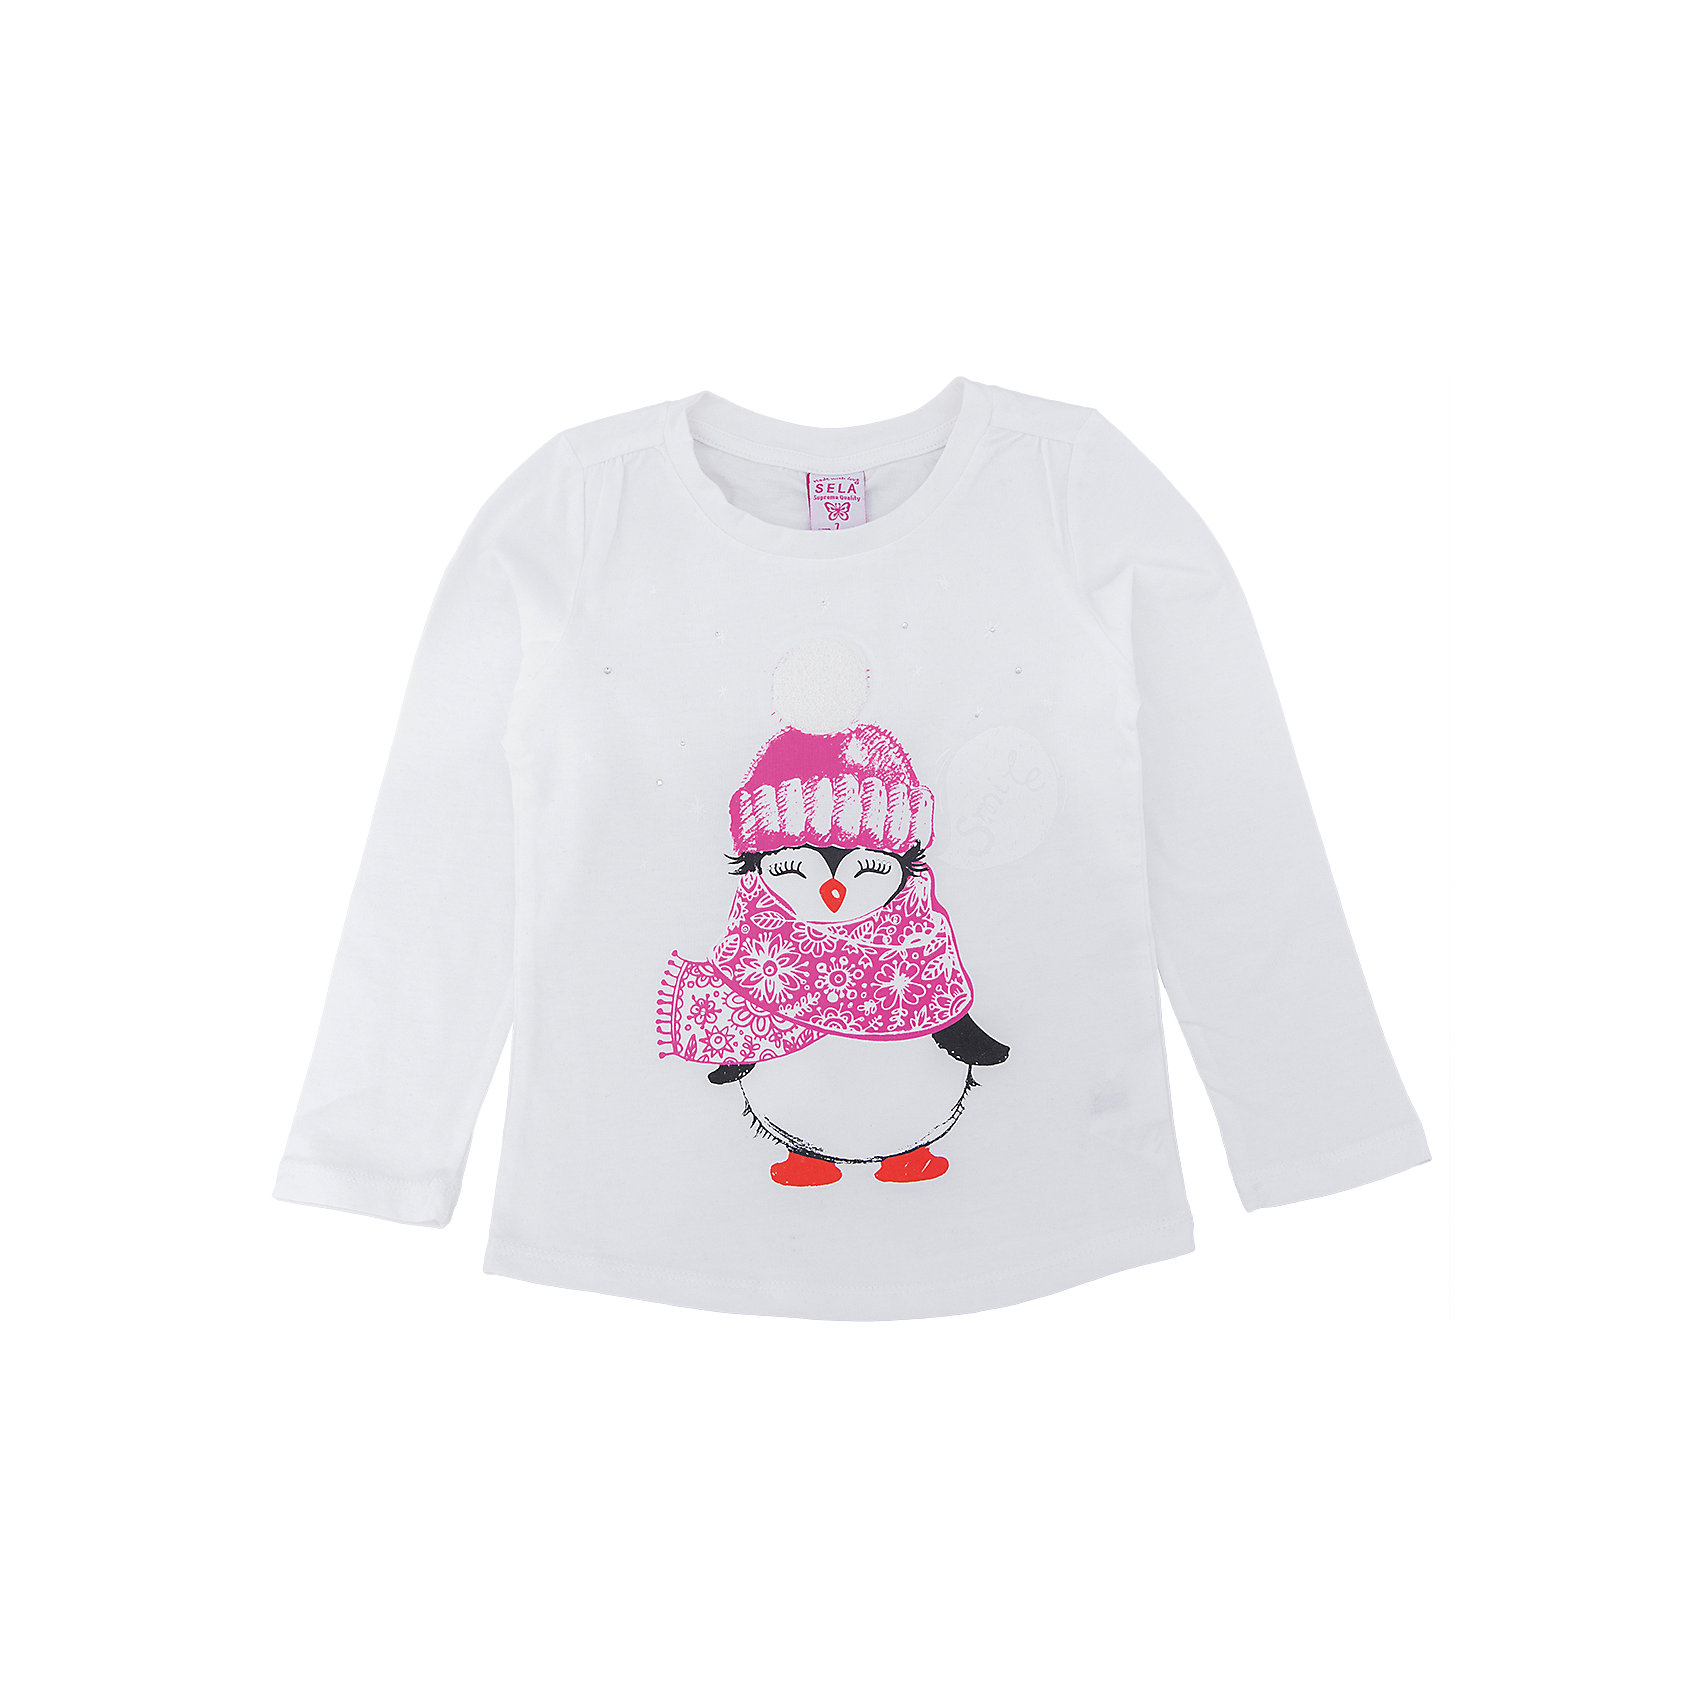 Джемпер для девочки SELAСтильный джемпер - незаменимая вещь в прохладное время года. Эта модель отлично сидит на ребенке, она сделана из приятного на ощупь материала, мягкая и дышащая. Натуральный хлопок в составе ткани не вызывает аллергии и обеспечивает ребенку комфорт. Модель станет отличной базовой вещью, которая будет уместна в различных сочетаниях.<br>Одежда от бренда Sela (Села) - это качество по приемлемым ценам. Многие российские родители уже оценили преимущества продукции этой компании и всё чаще приобретают одежду и аксессуары Sela.<br><br>Дополнительная информация:<br><br>материал: 100 % хлопок;<br>длинный рукав;<br>украшен принтом.<br><br>Джемпер для девочки от бренда Sela можно купить в нашем интернет-магазине.<br><br>Ширина мм: 190<br>Глубина мм: 74<br>Высота мм: 229<br>Вес г: 236<br>Цвет: белый<br>Возраст от месяцев: 18<br>Возраст до месяцев: 24<br>Пол: Женский<br>Возраст: Детский<br>Размер: 92,116,110,104,98<br>SKU: 5020355